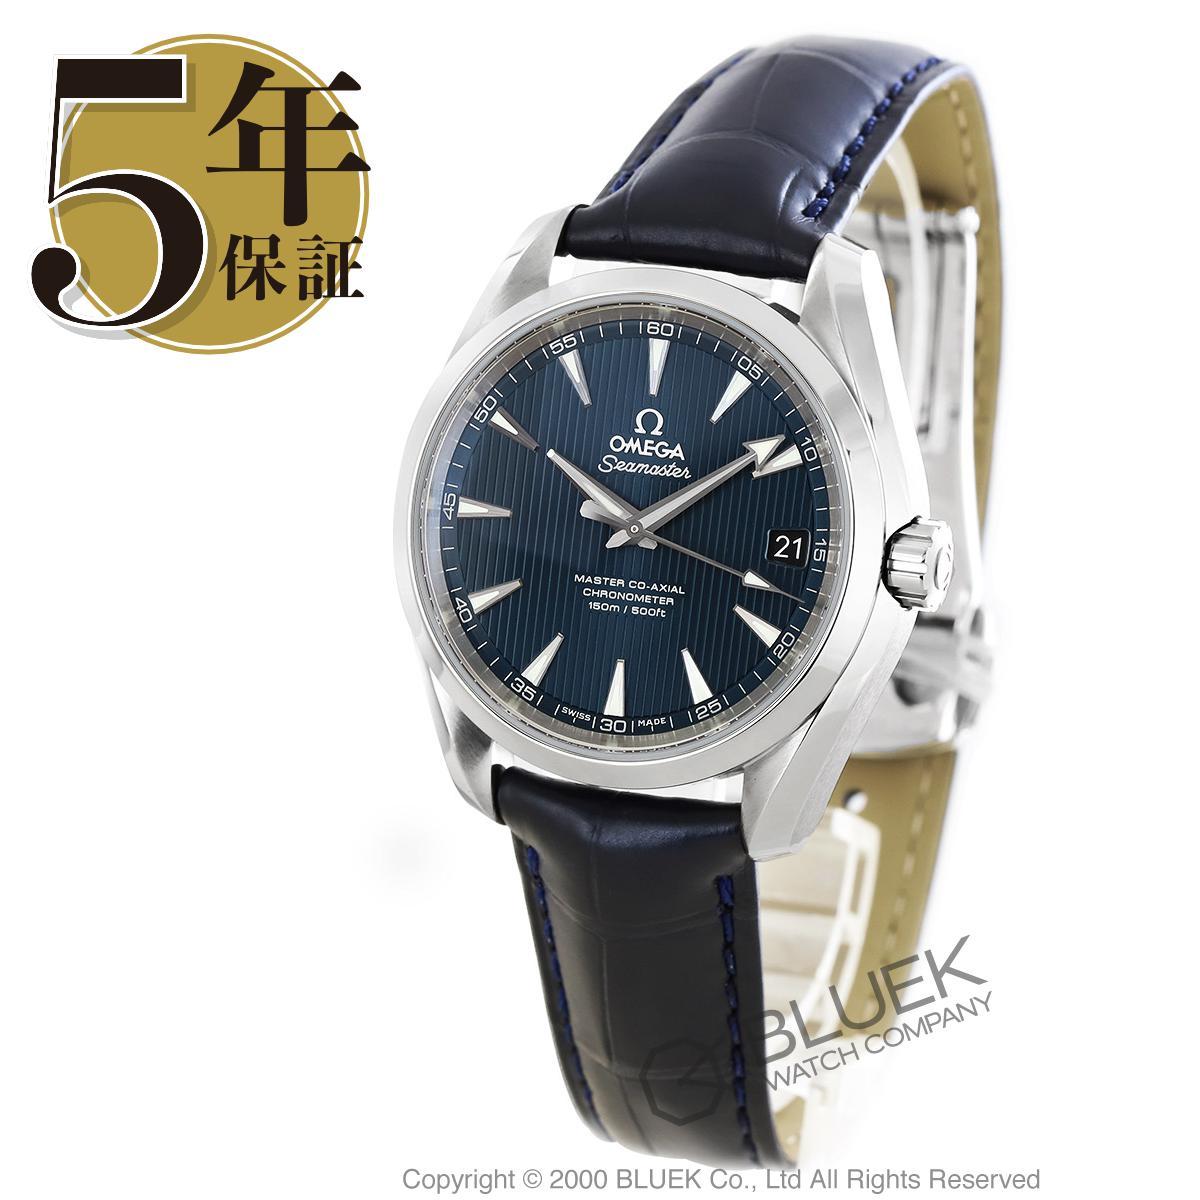 オメガ シーマスター アクアテラ アリゲーターレザー 腕時計 メンズ OMEGA 231.13.39.21.03.001_5